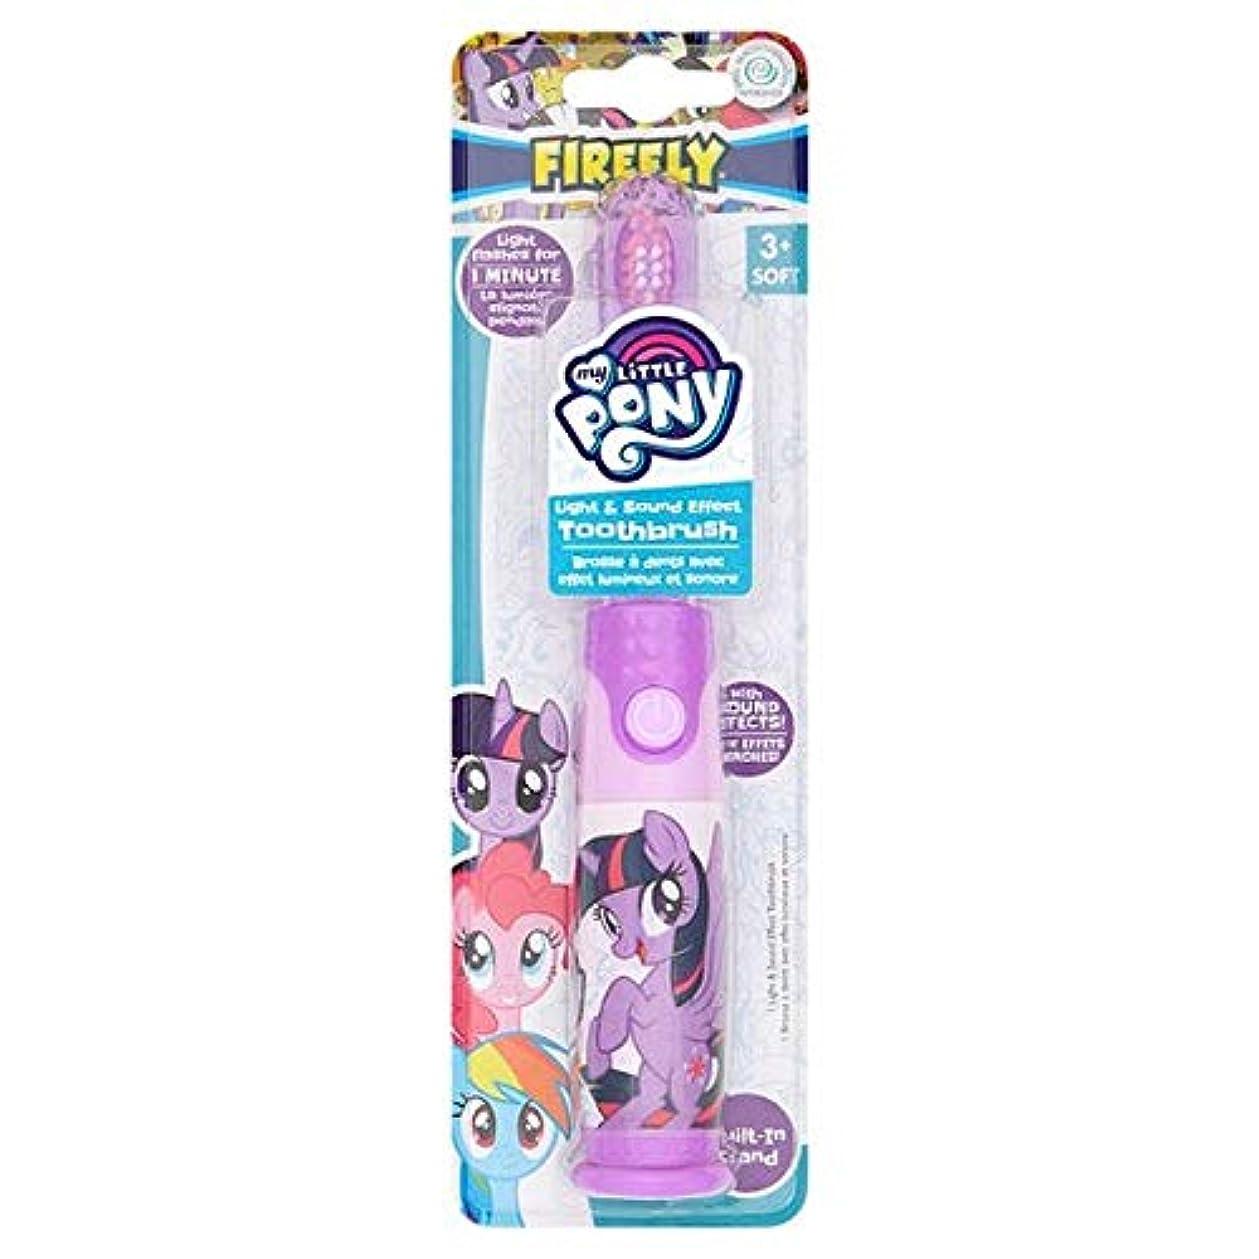 復活独裁マーキング[Firefly ] 私の小さなポニーのホタルの光と音の歯ブラシ - My Little Pony Firefly Light And Sound Toothbrush [並行輸入品]